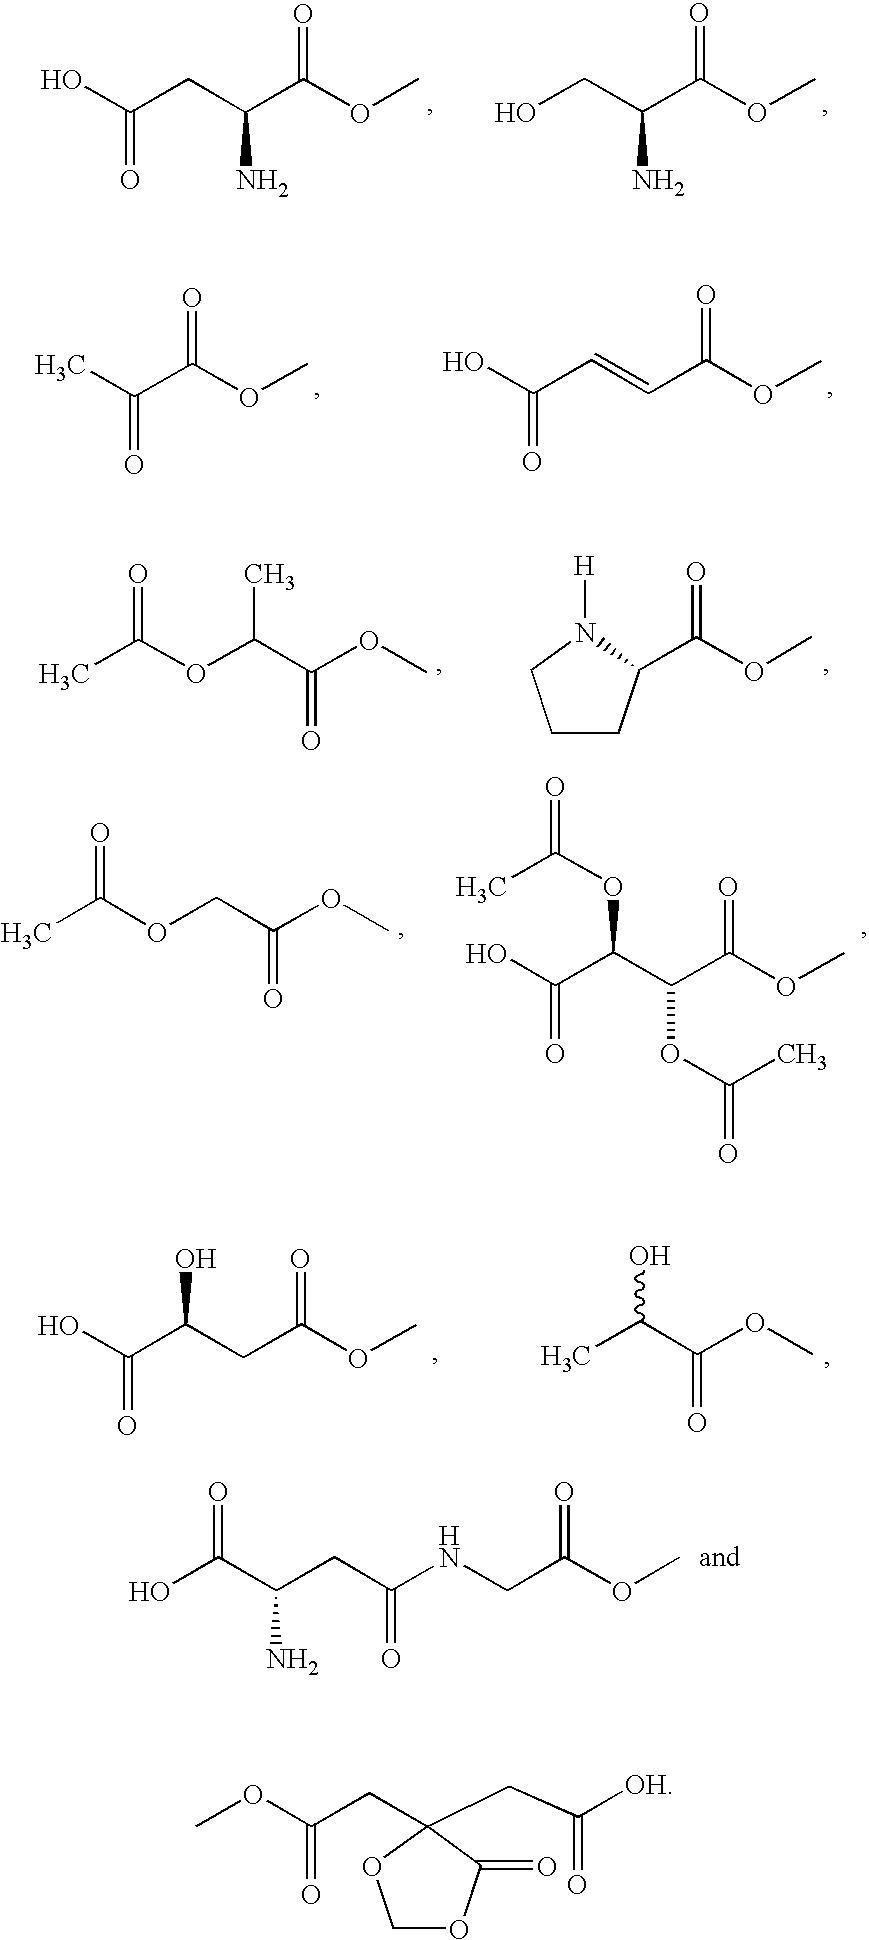 Figure US20070015741A1-20070118-C00005